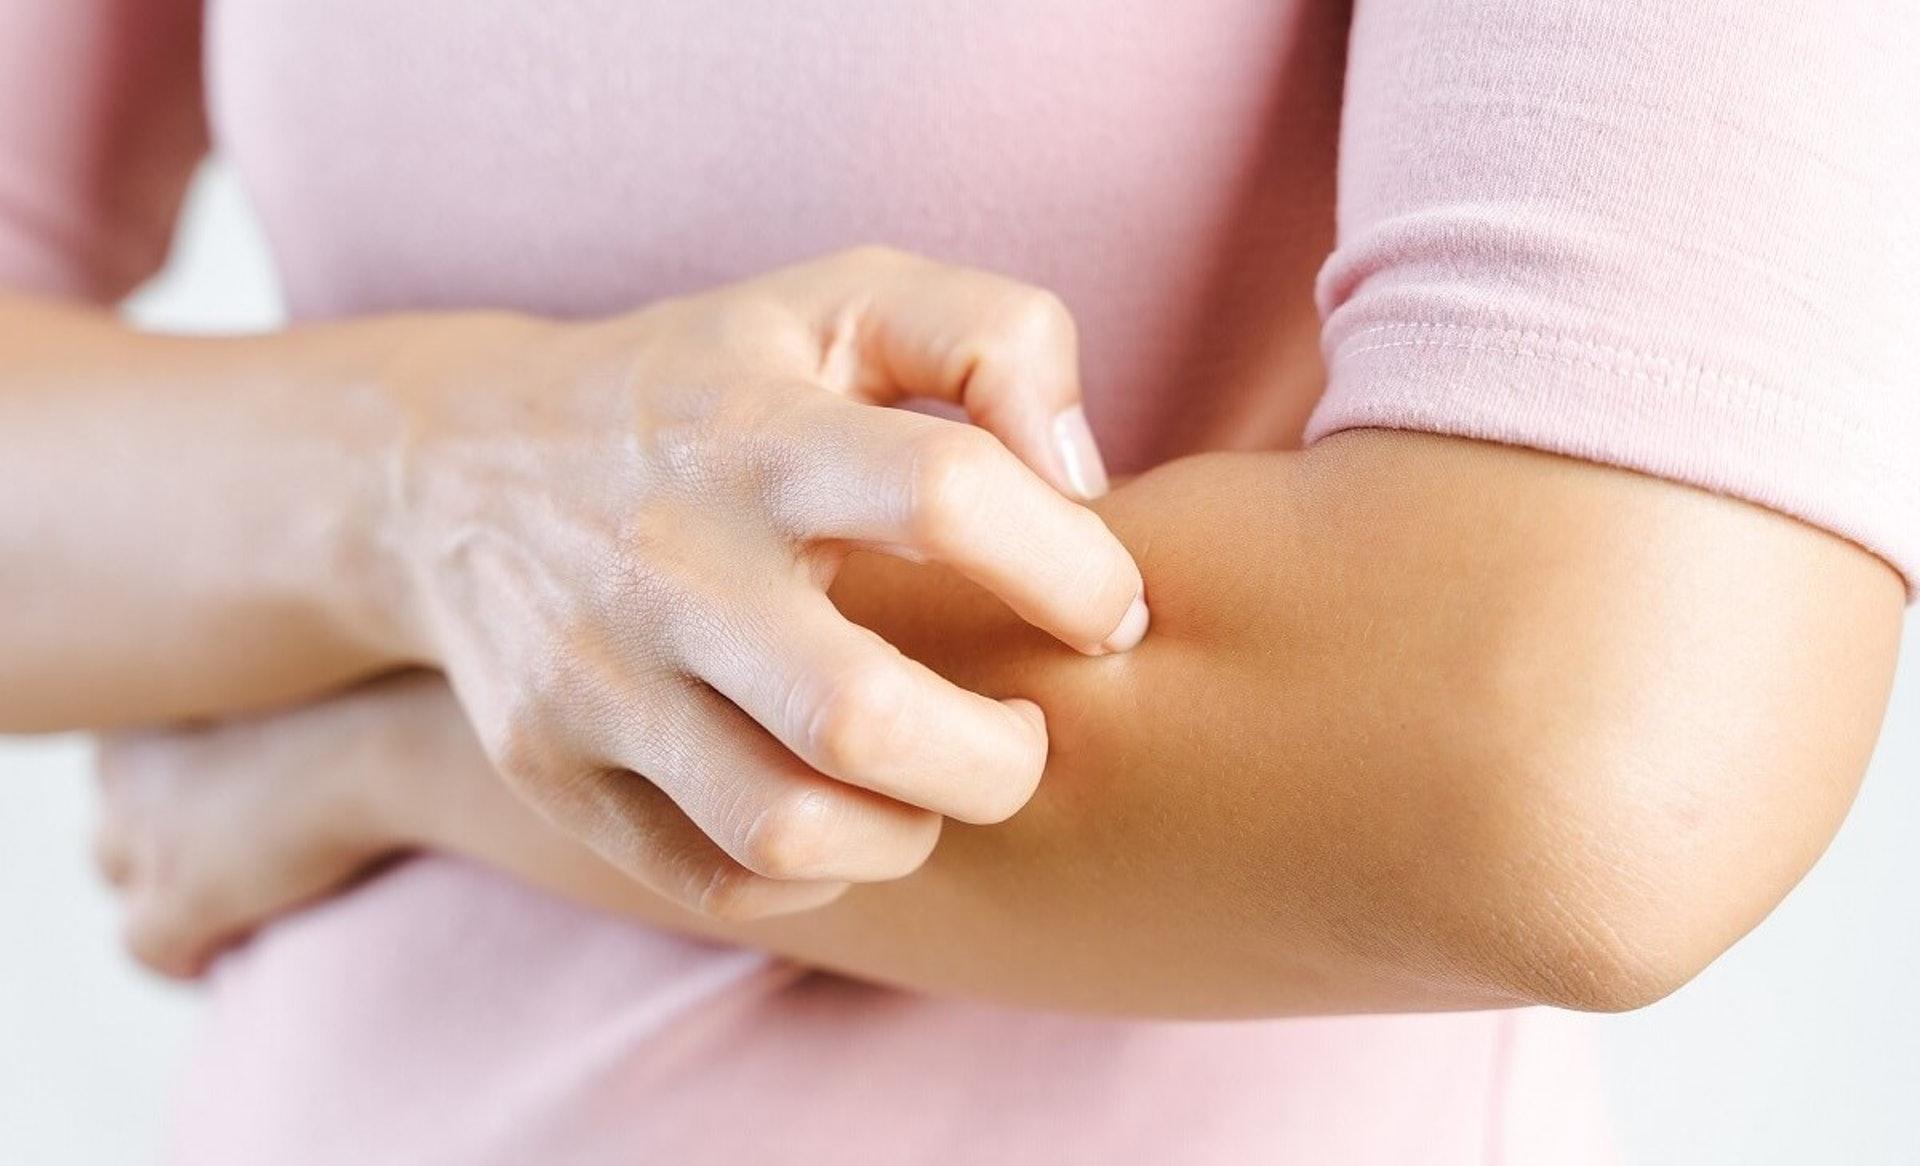 都市生活環境多致敏源,容易引發各式各樣的皮膚過敏問題。(圖片:biz-journal.jp)